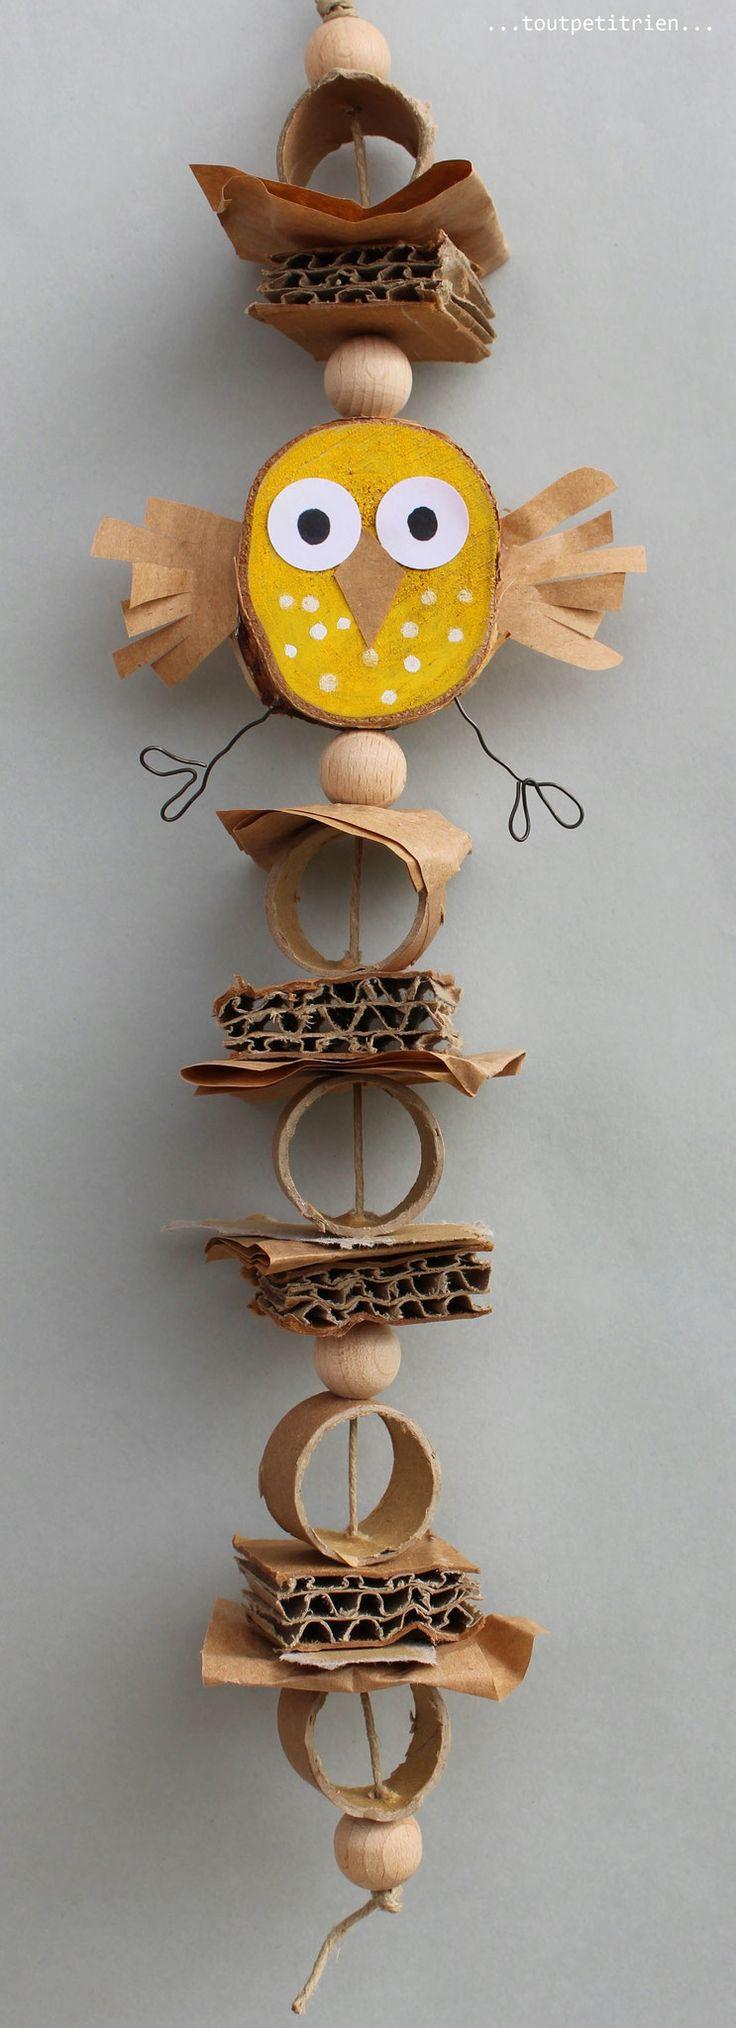 Bricos kids - Site de toutpetitrien.ch - Des idées pour recycler plein de petits riens du tout